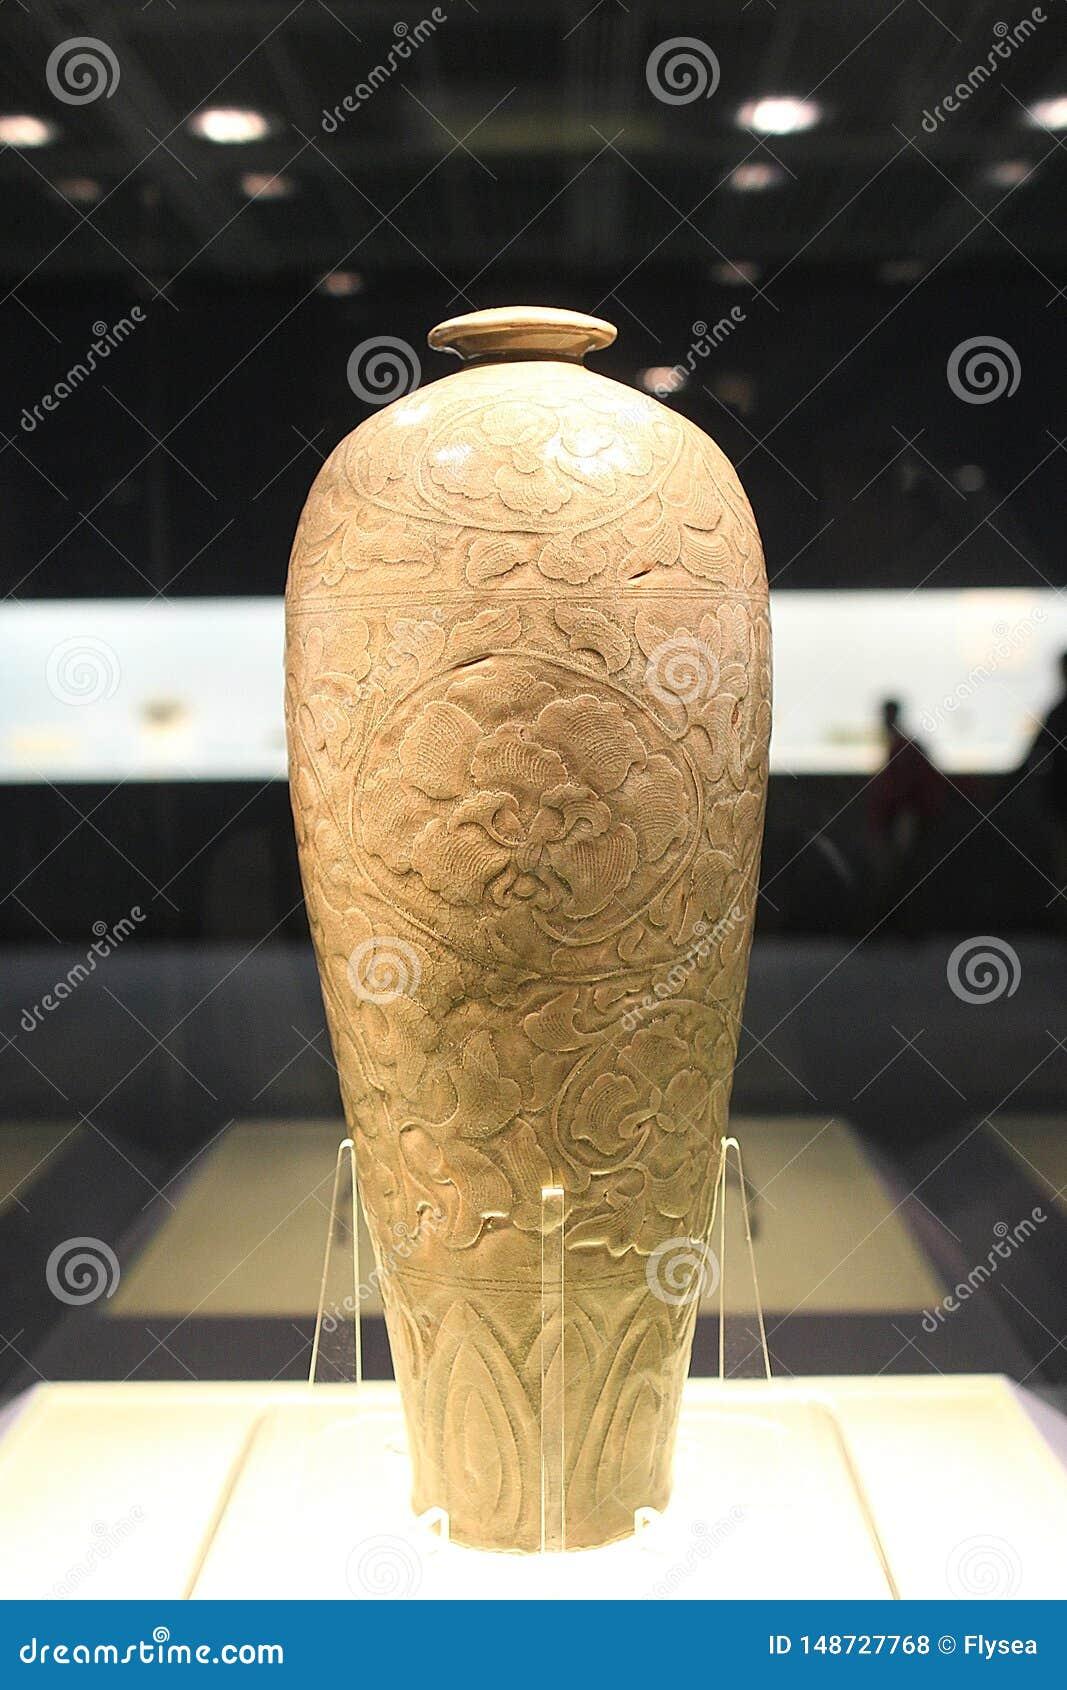 Ceramics In Shanghai Museum 8-8 Editorial Stock Photo - Image of